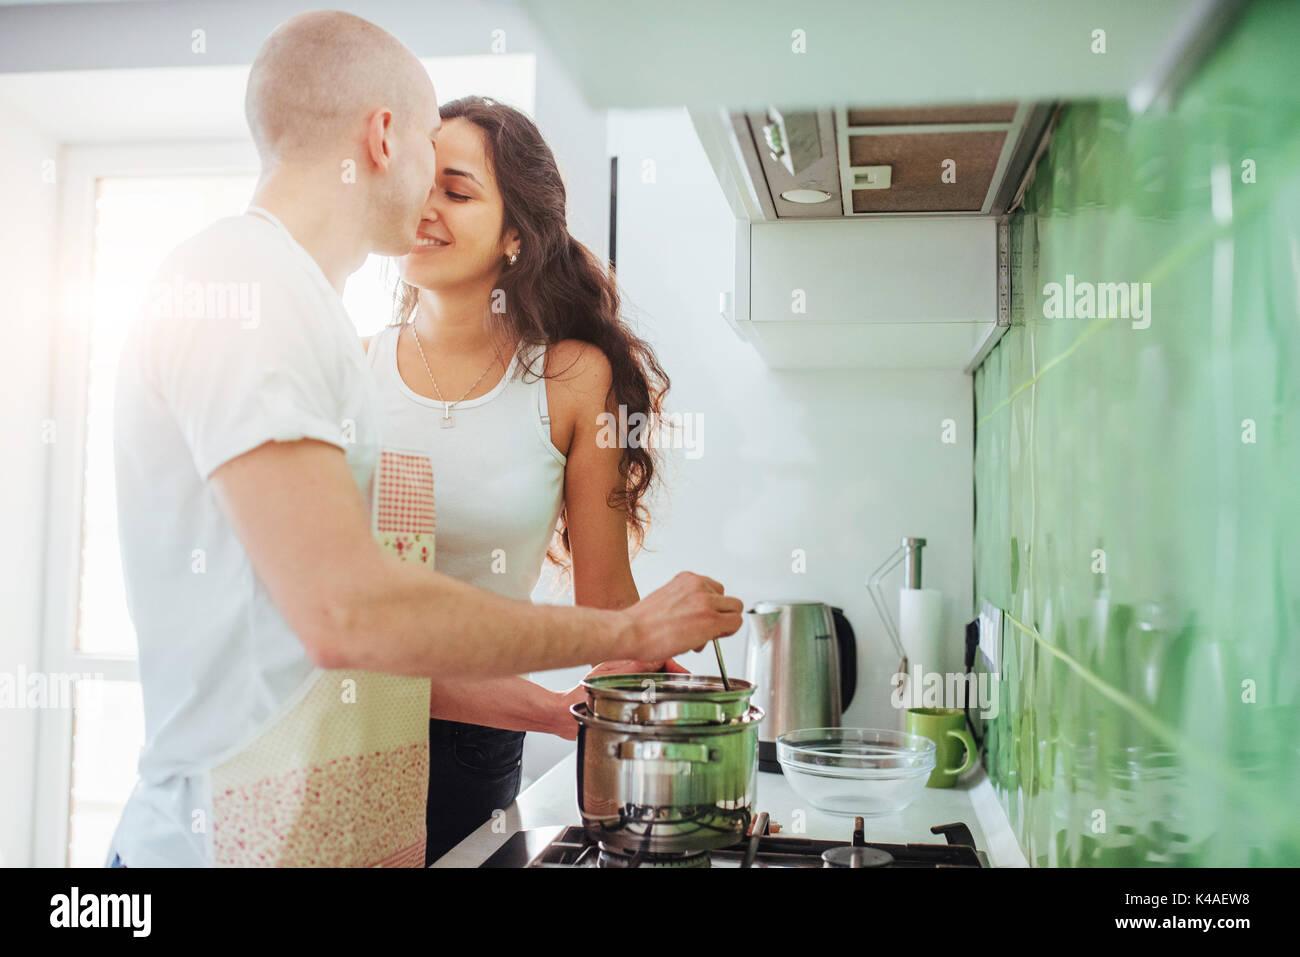 Happy young couple en train de préparer sur la cuisinière Banque D'Images